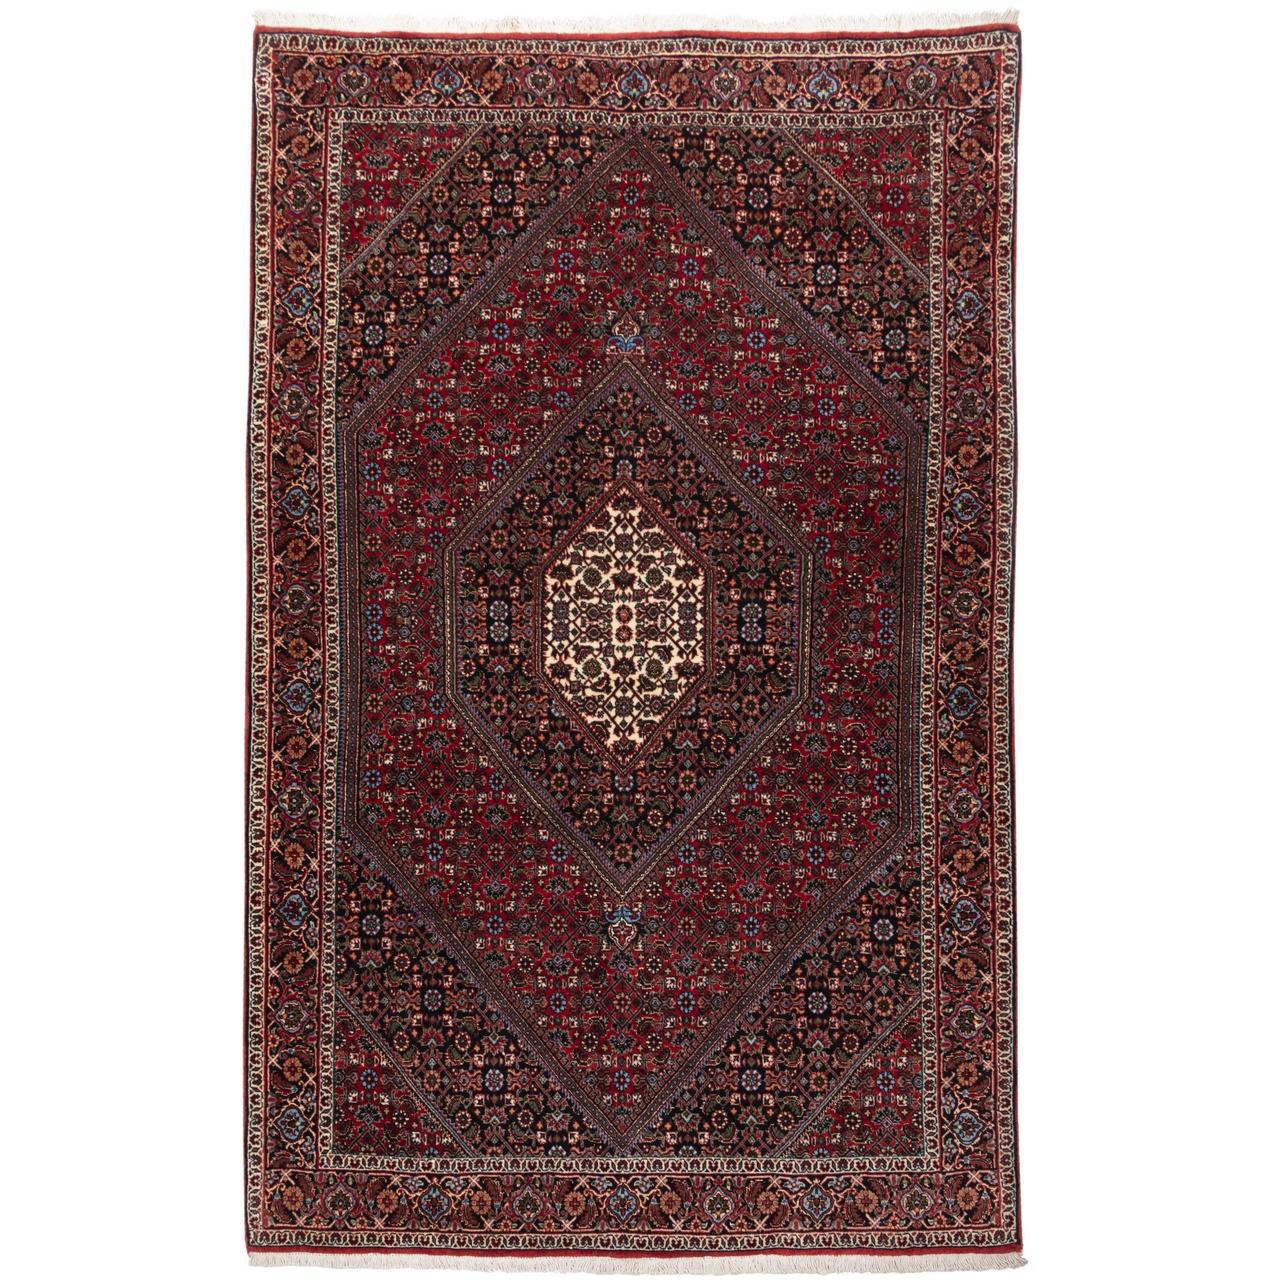 فرش دستباف دو متری سی پرشیا کد 187040